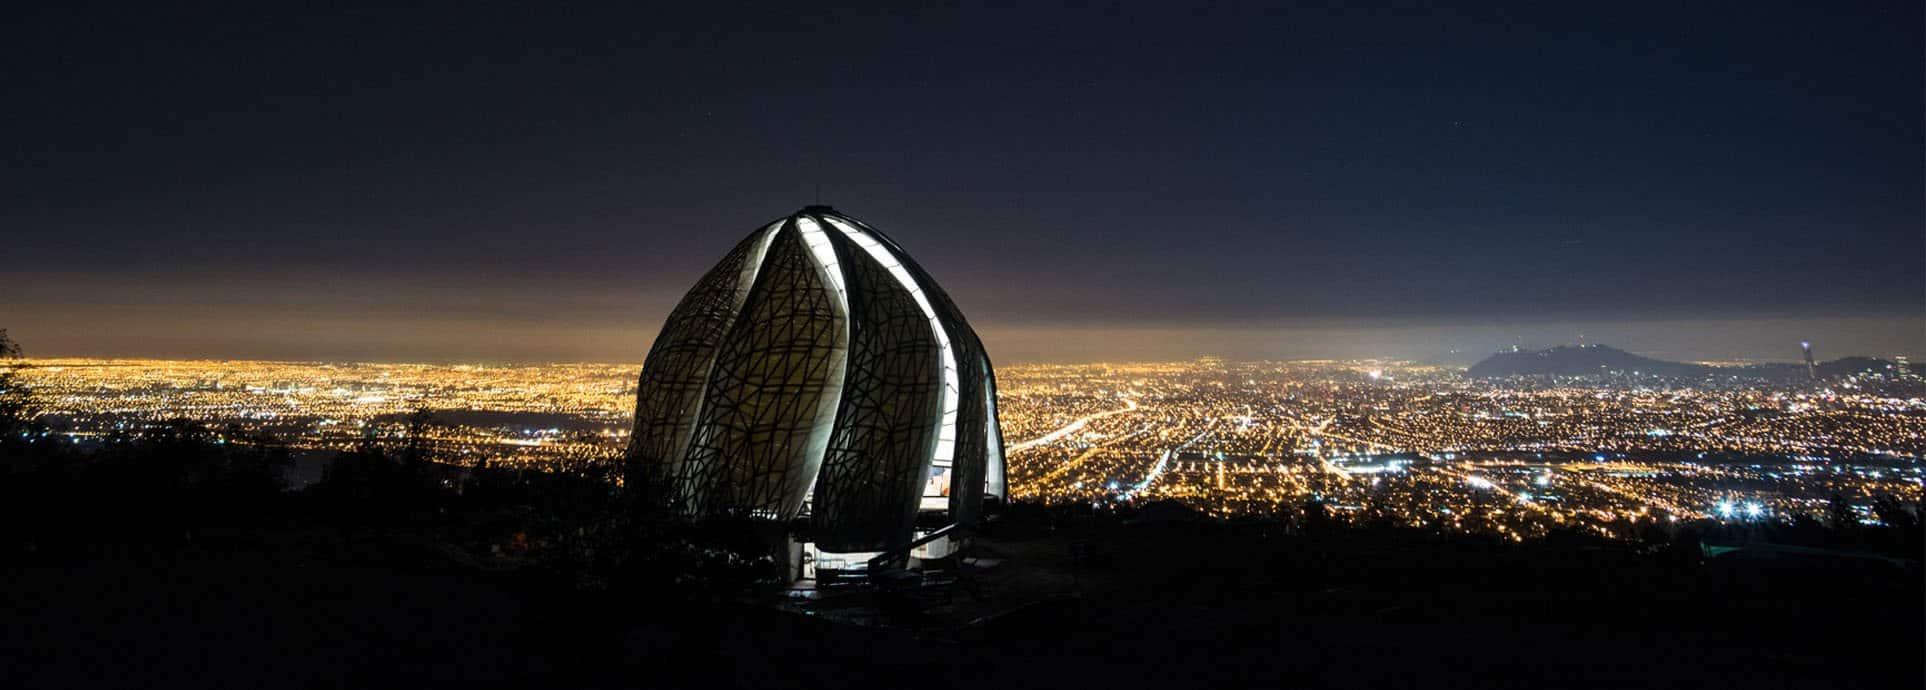 Inauguran el primer templo de la religión mas joven del mundo en sudamérica: Bahá'í